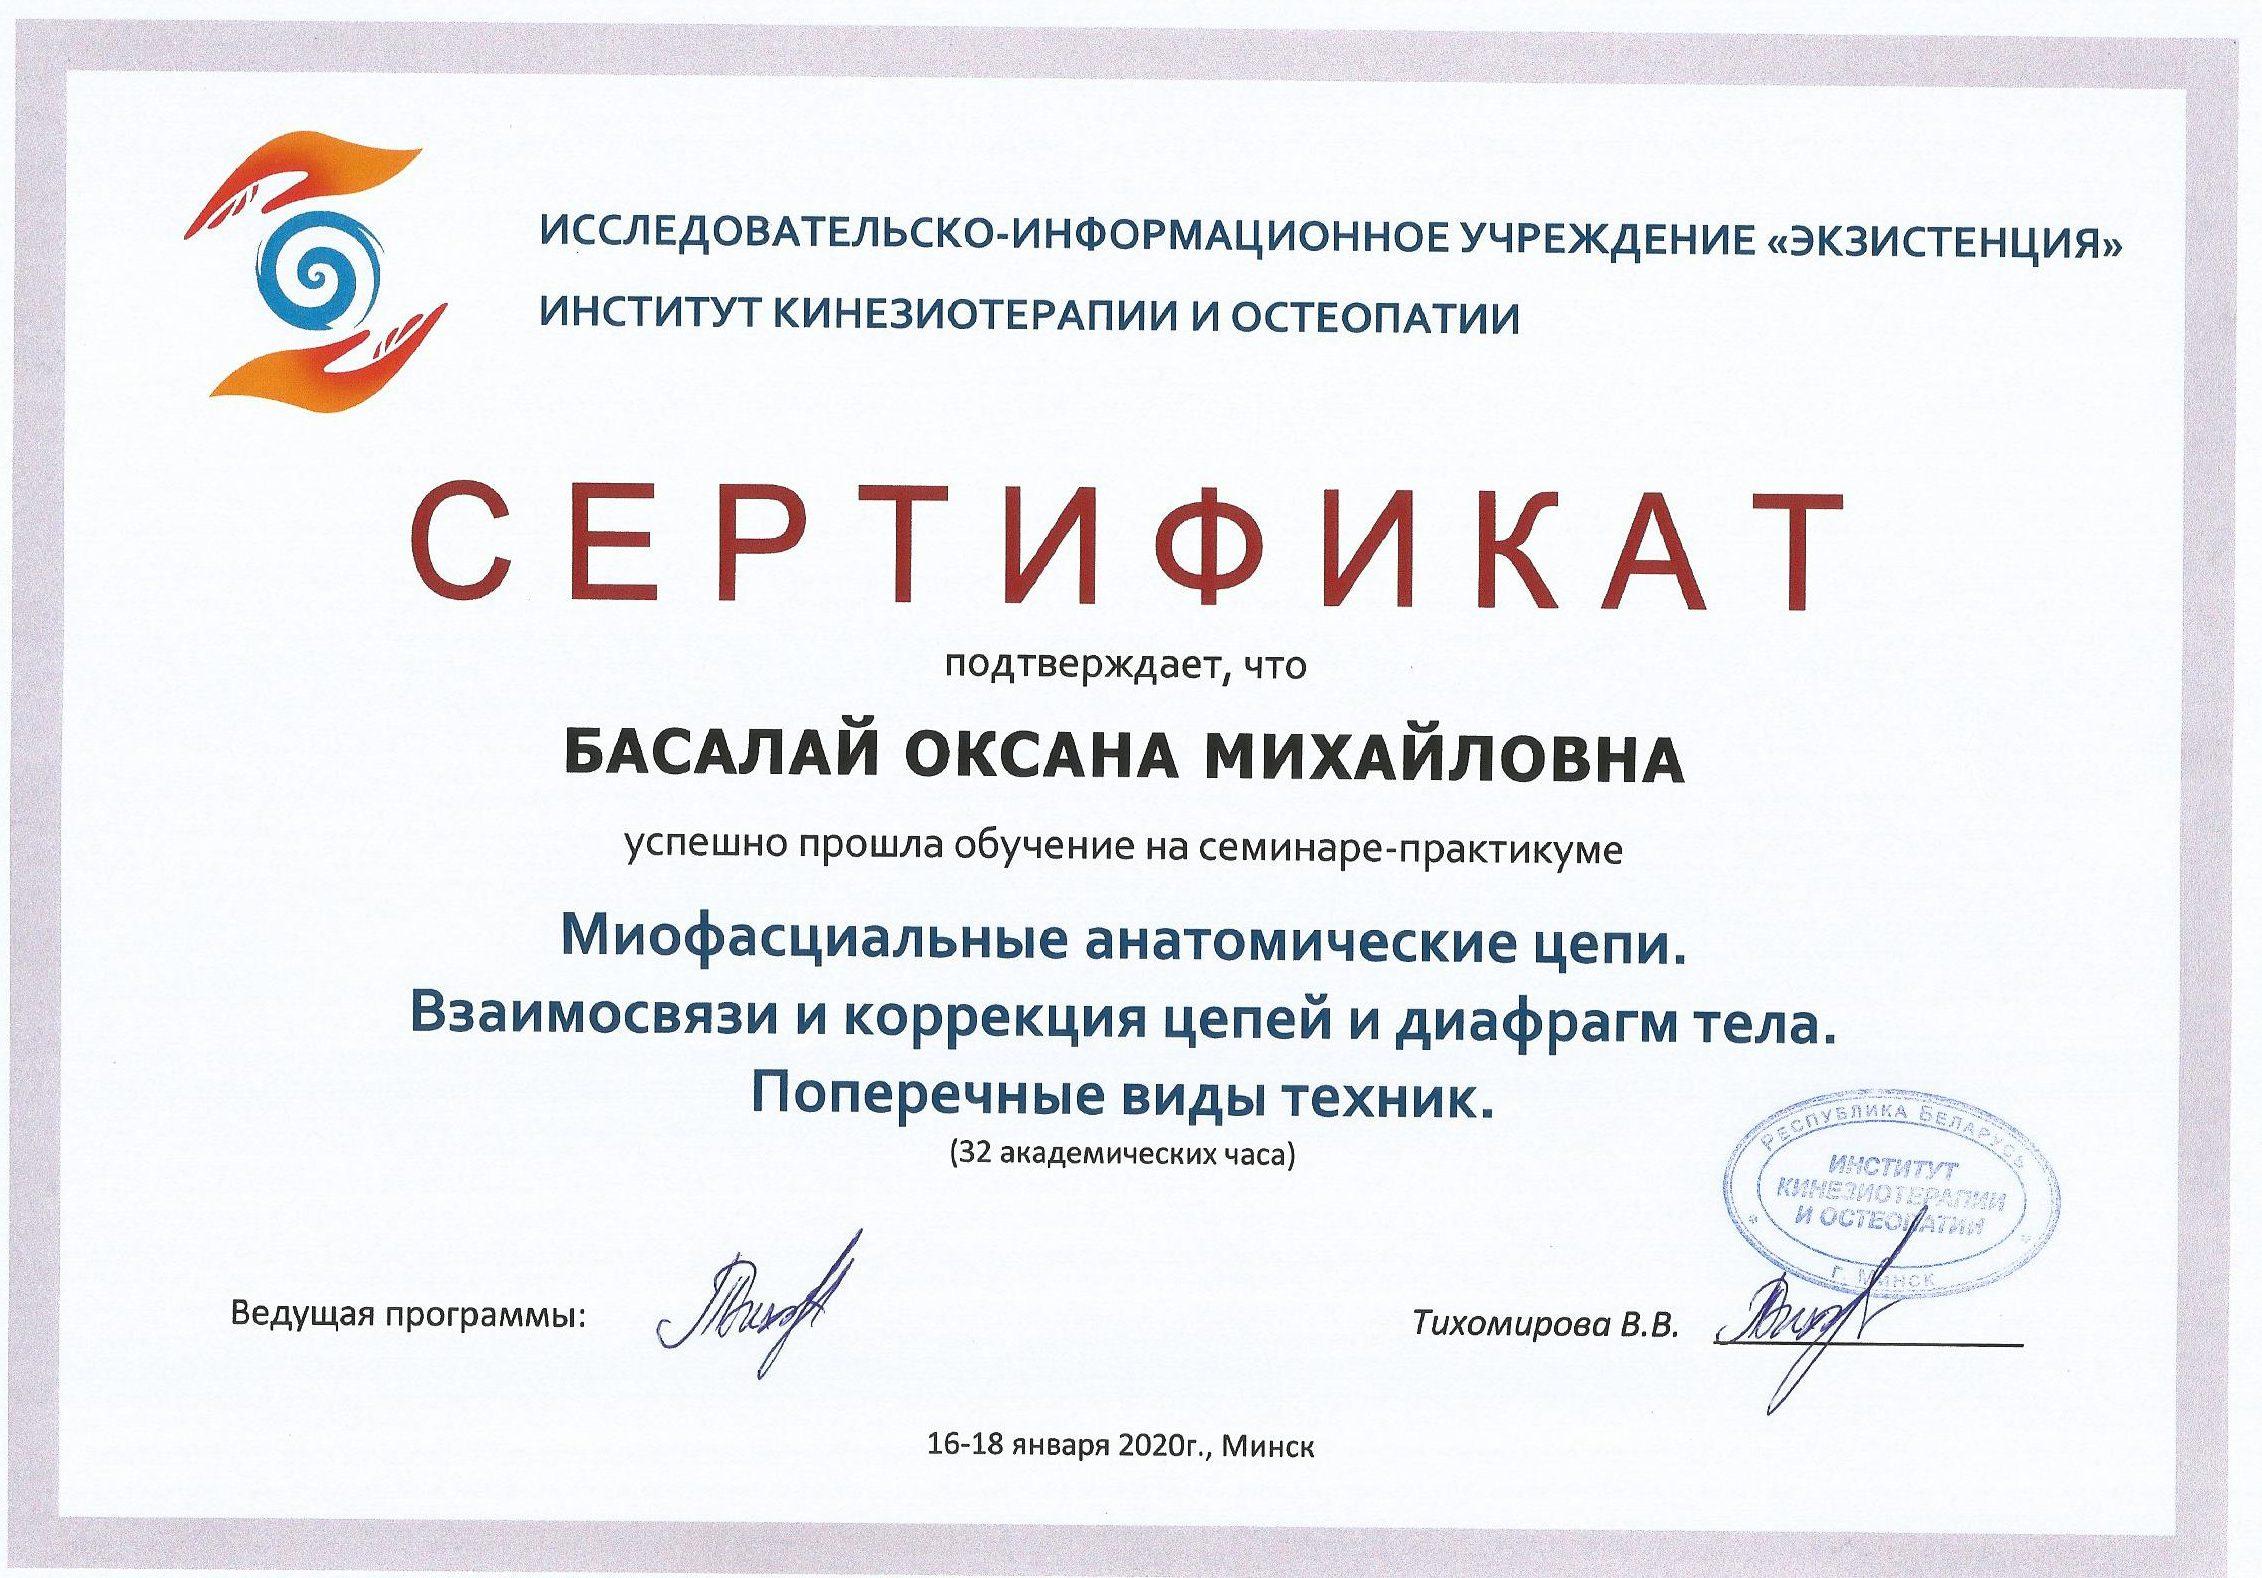 Методики + сертификаты об обучении 1